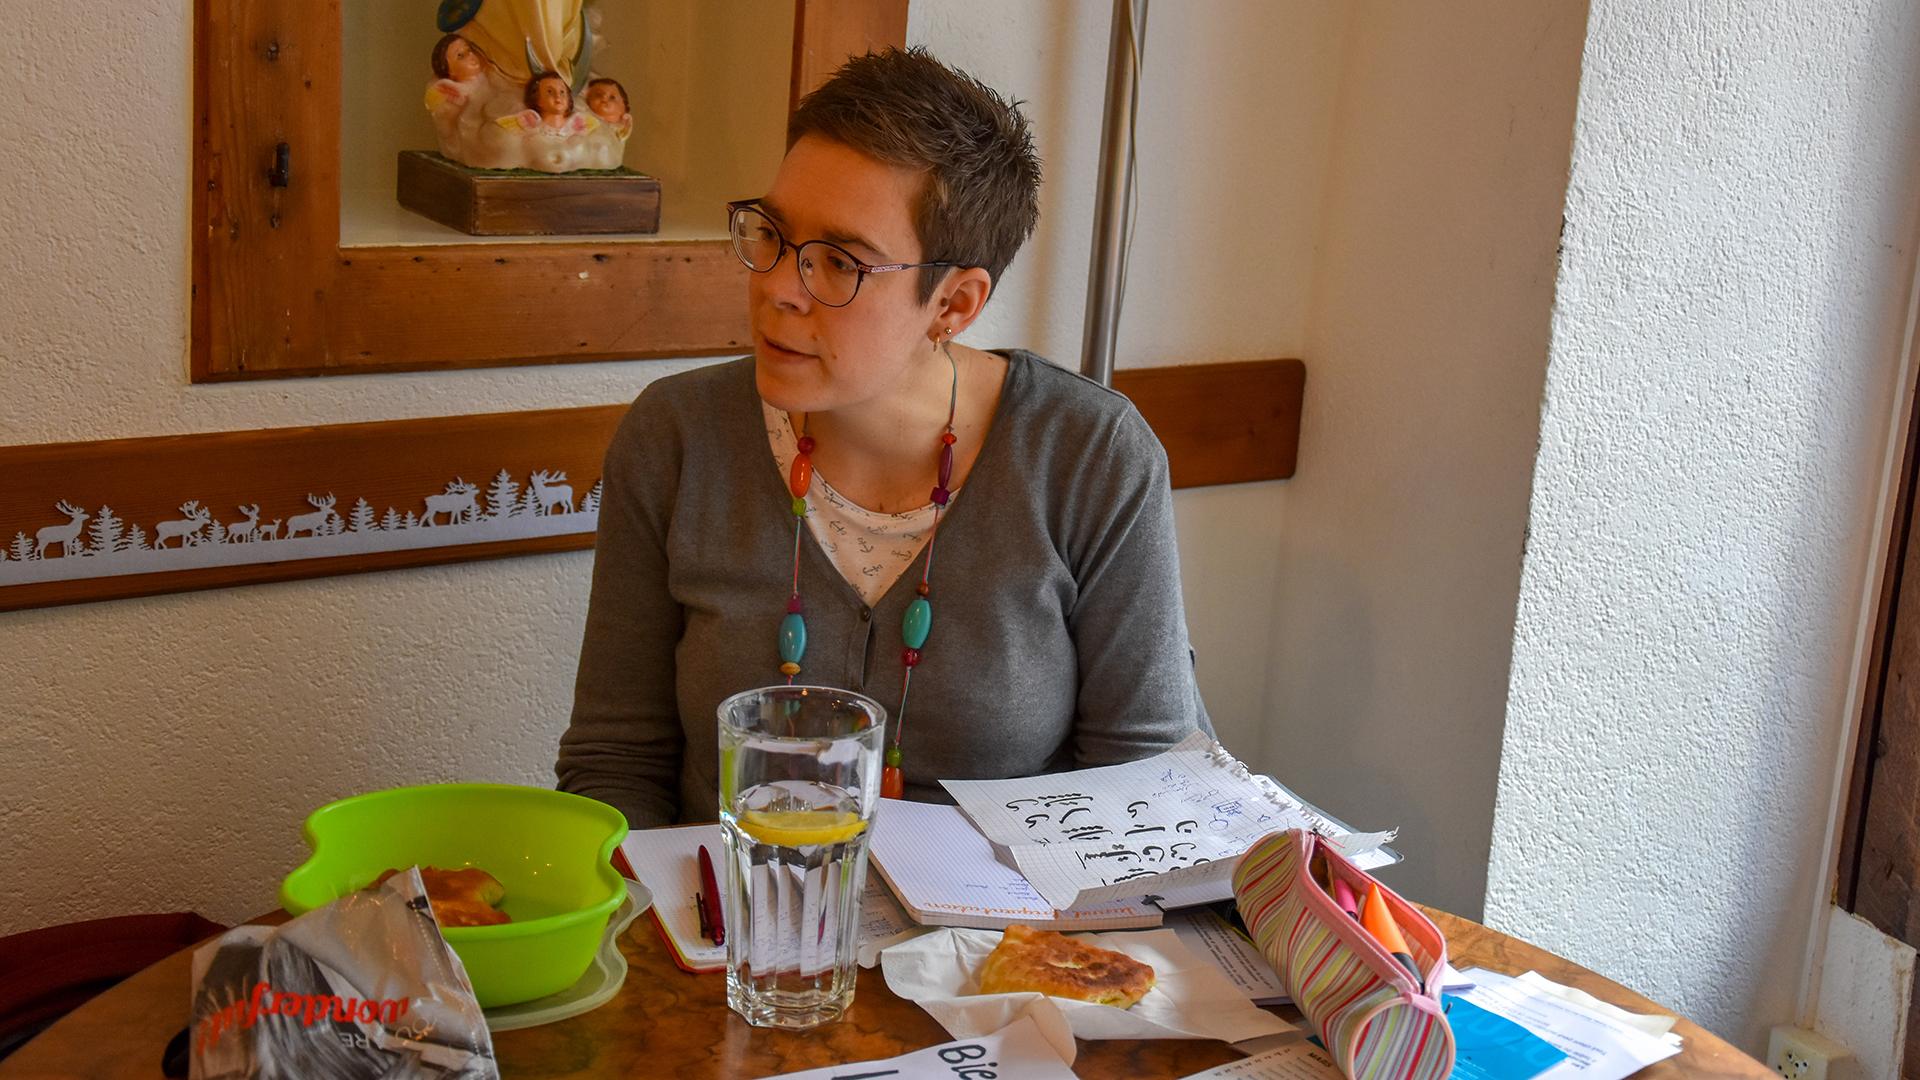 Depuis la mi-décembre, le Service Solidarité & Diaconie de l'Église catholique dans le canton de Fribourg propose tous les mercredis de 14h à 16h au café du Tunnel à Fribourg un espace d'échange et de partage autour de la réalité du travail ou du non-travail.